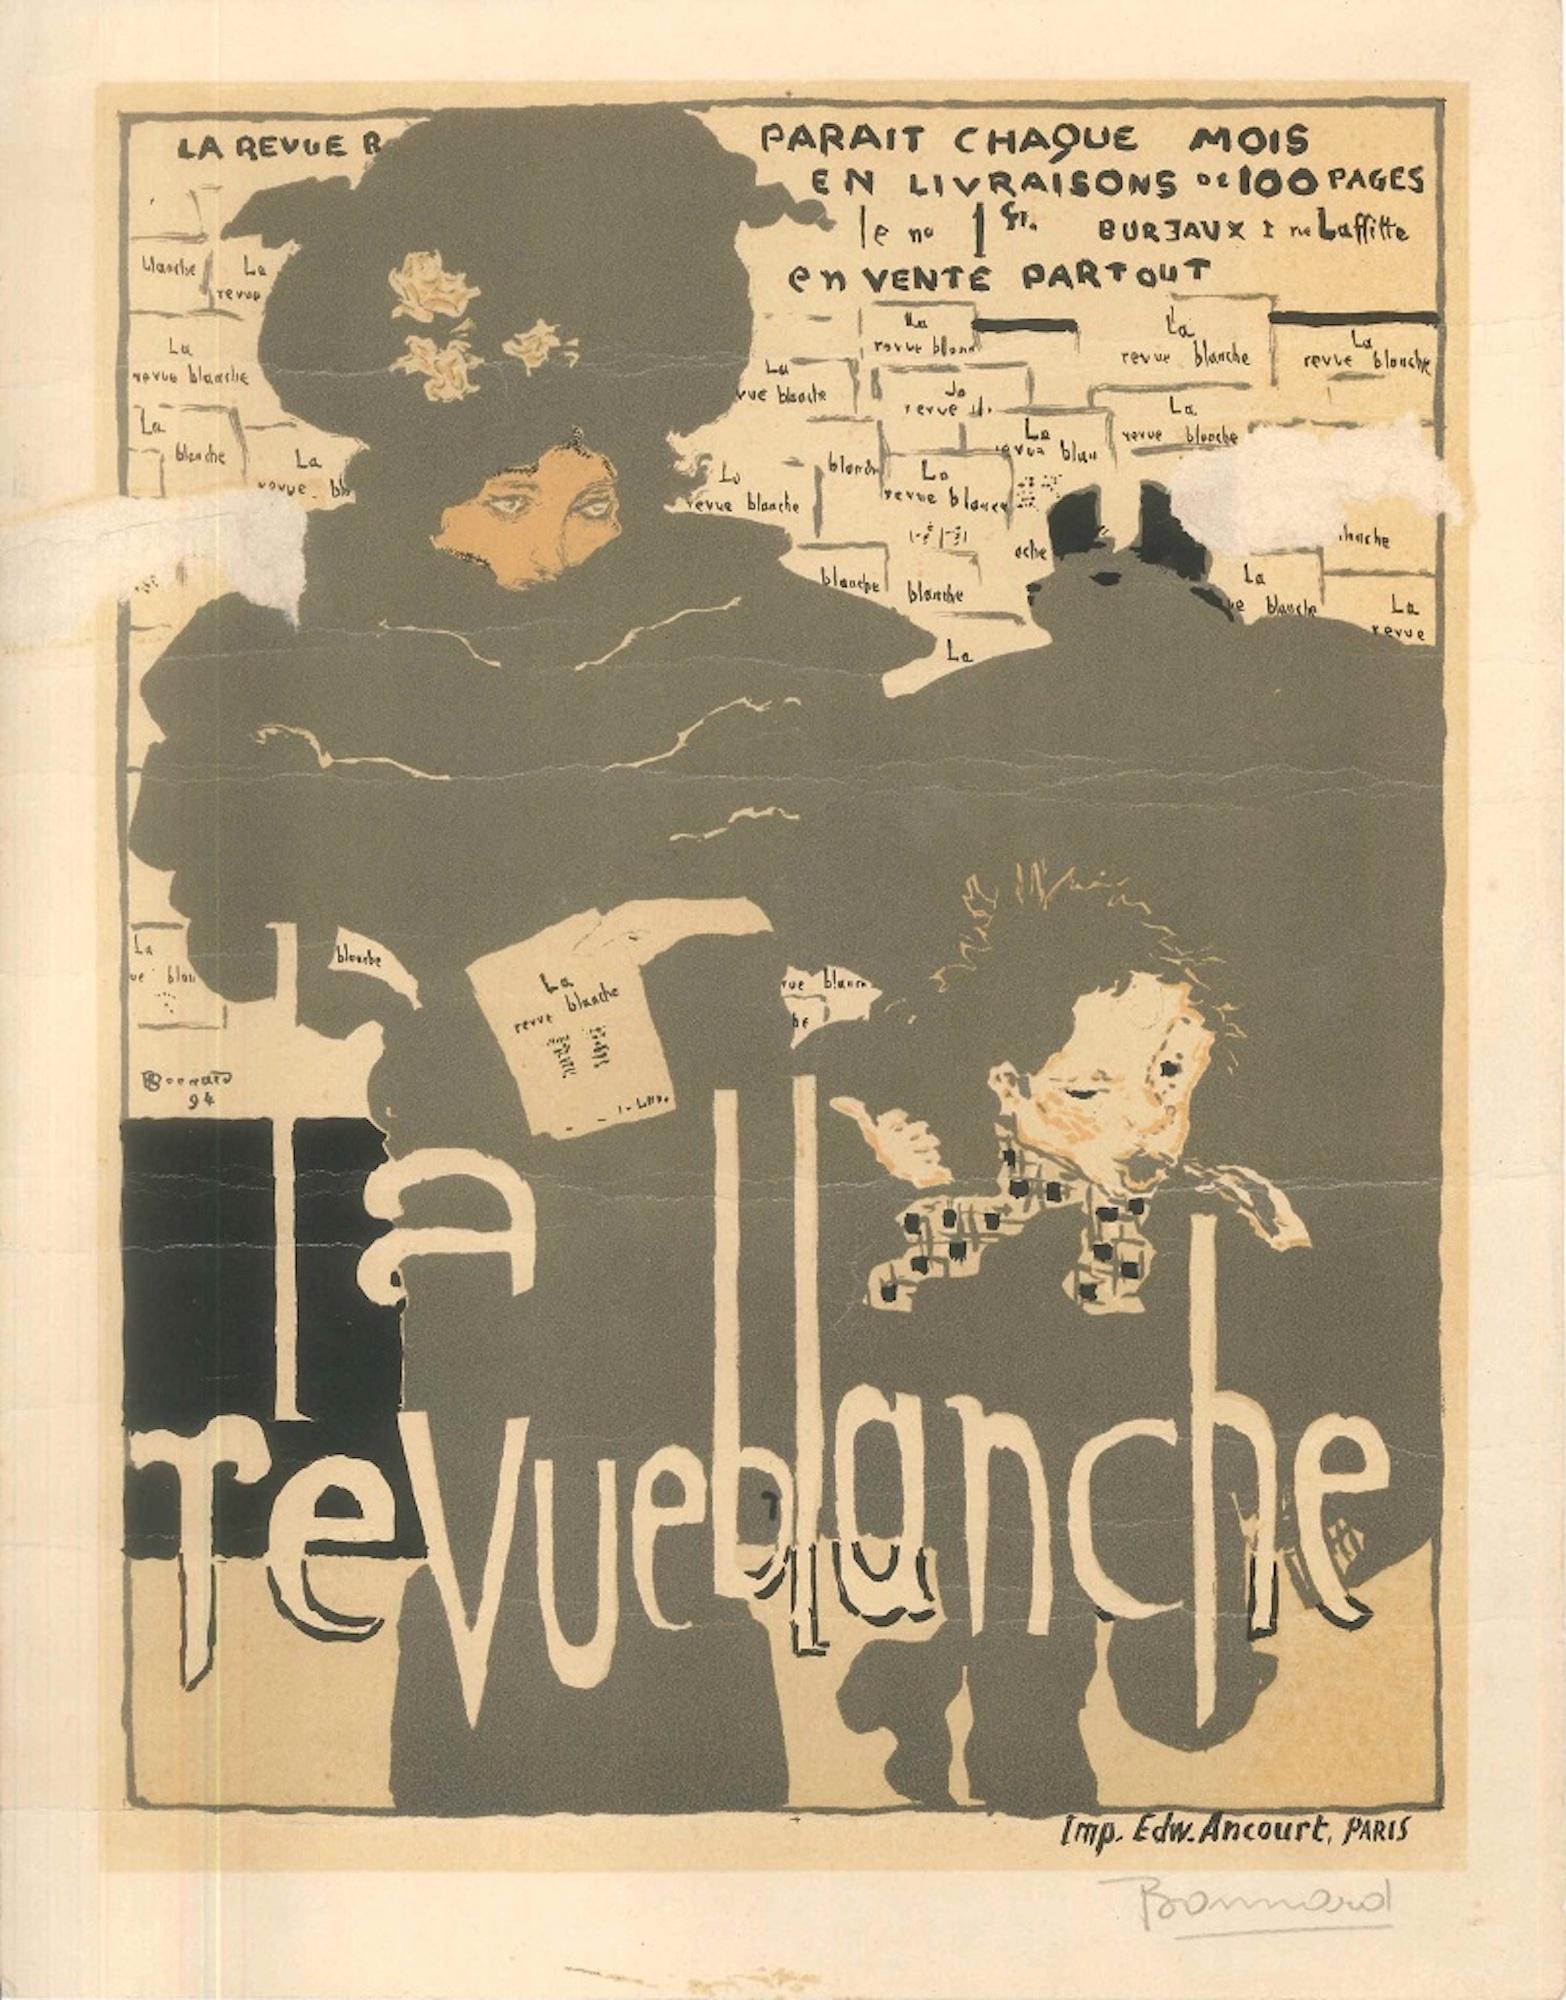 La Revue Blanche - Original Lithograph After P. Bonnard - 1951